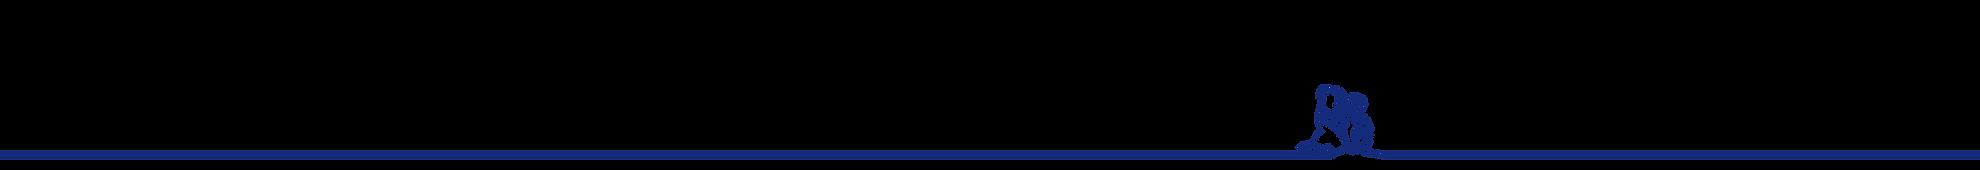 名称未設定-2_アートボード 1.png